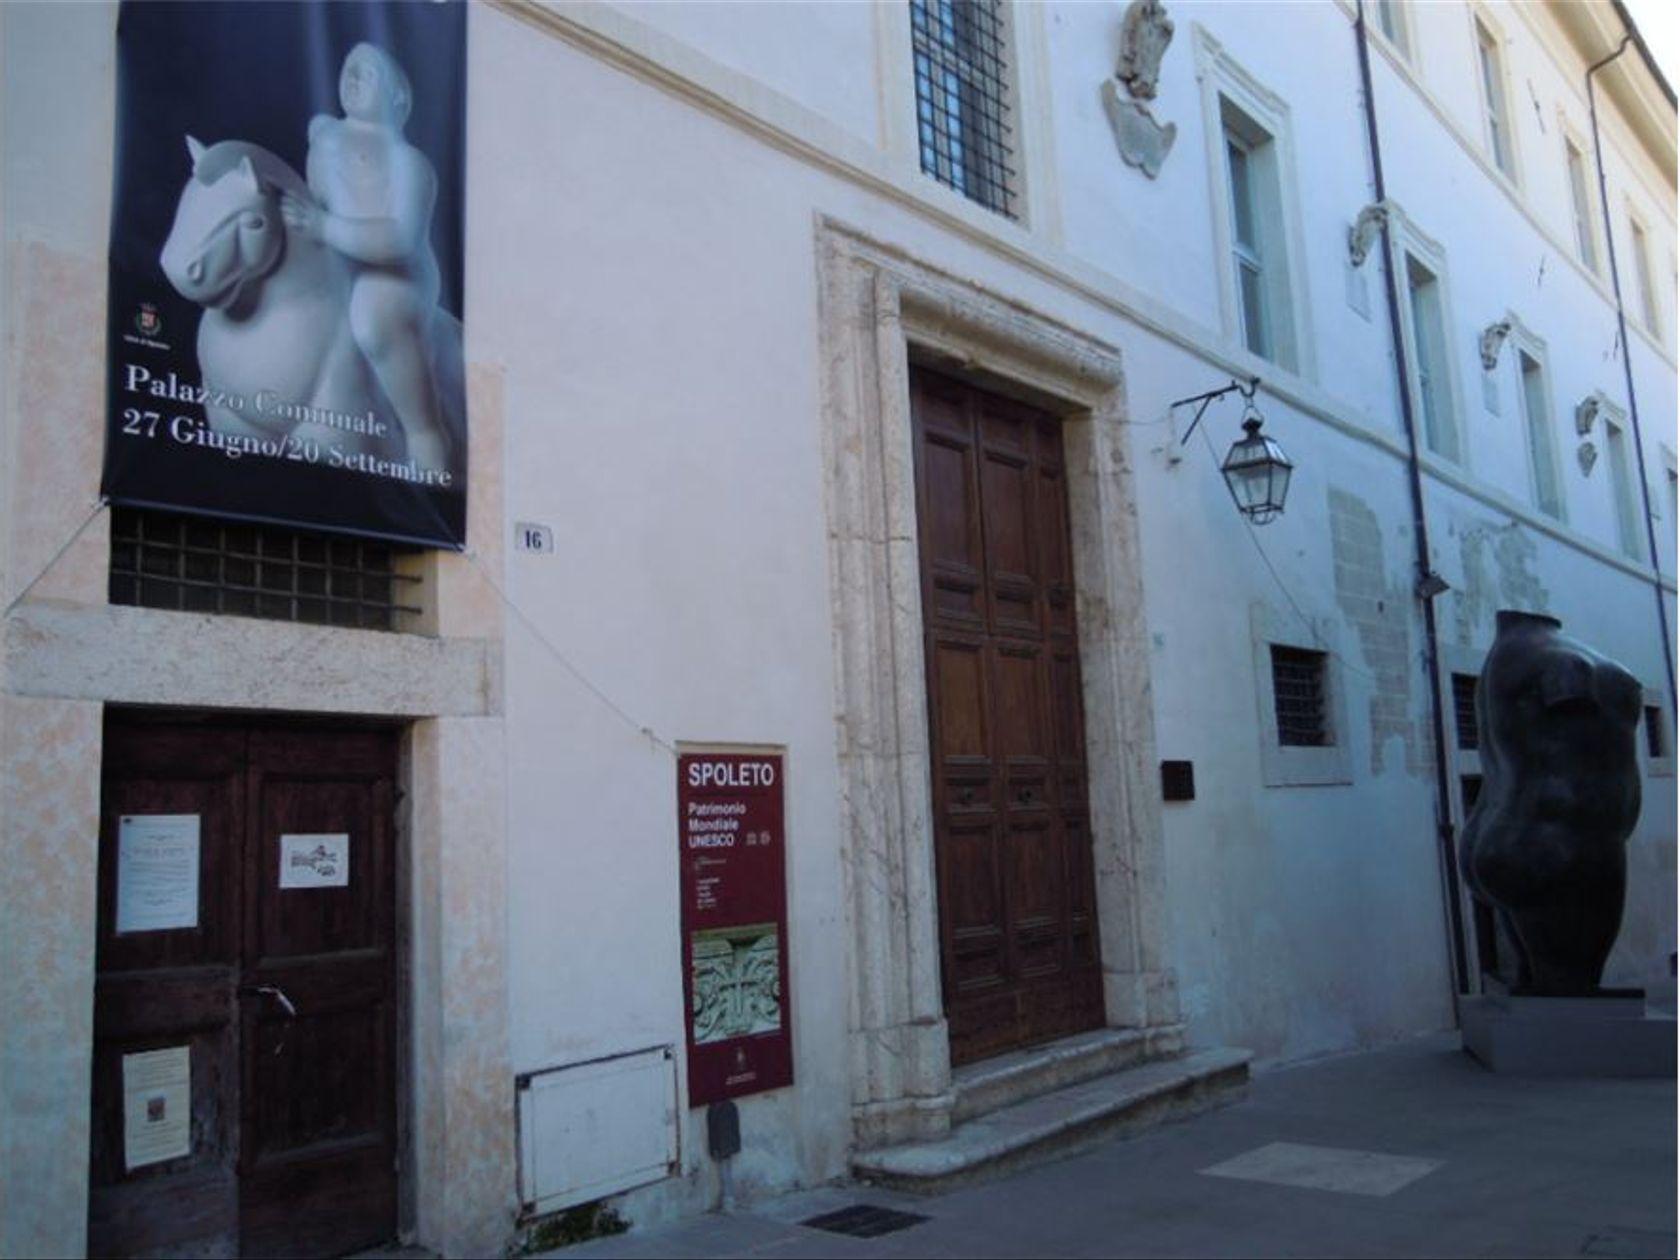 Albergo/Hotel Spoleto, PG Vendita - Foto 17